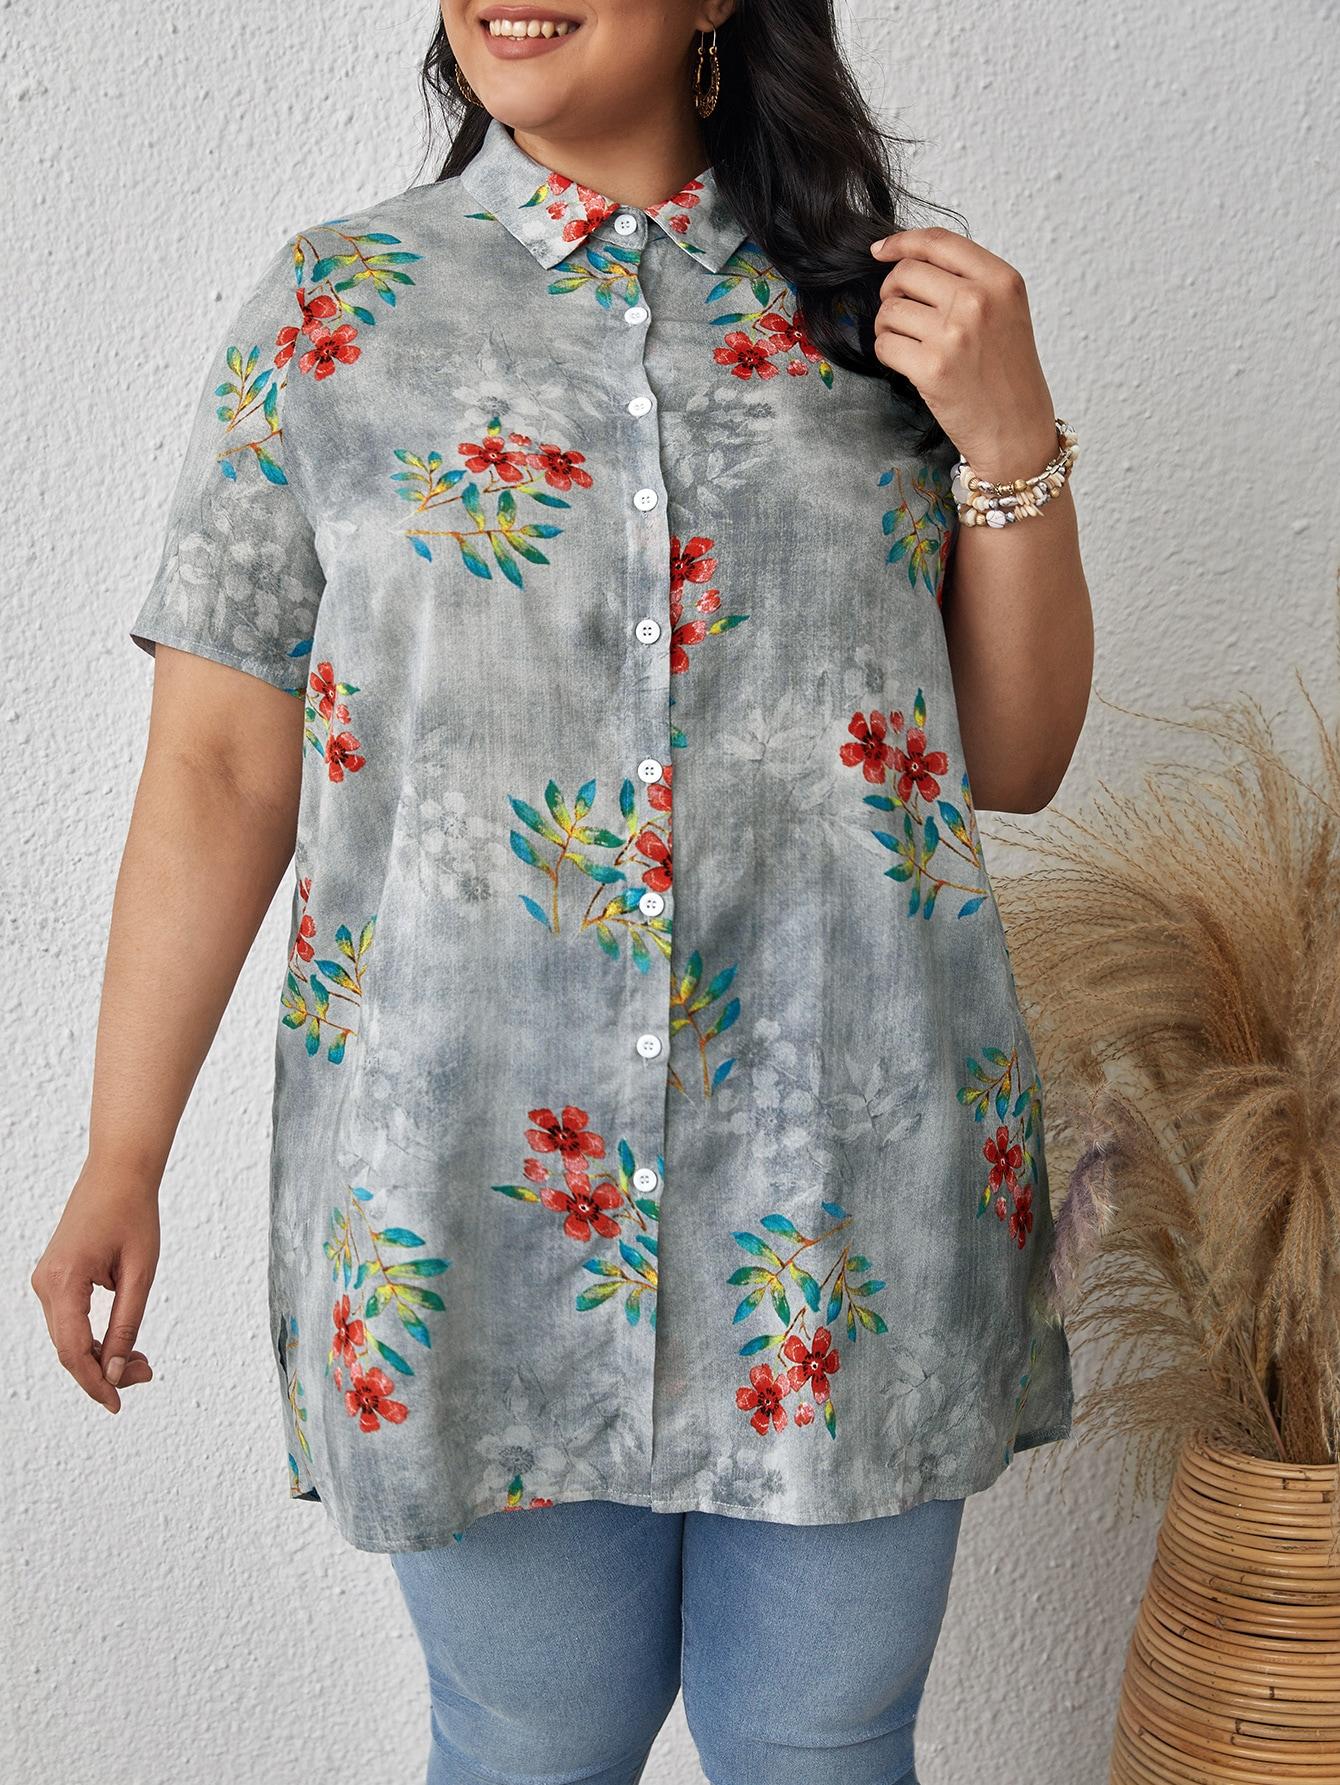 Plus Floral Print High Low Blouse